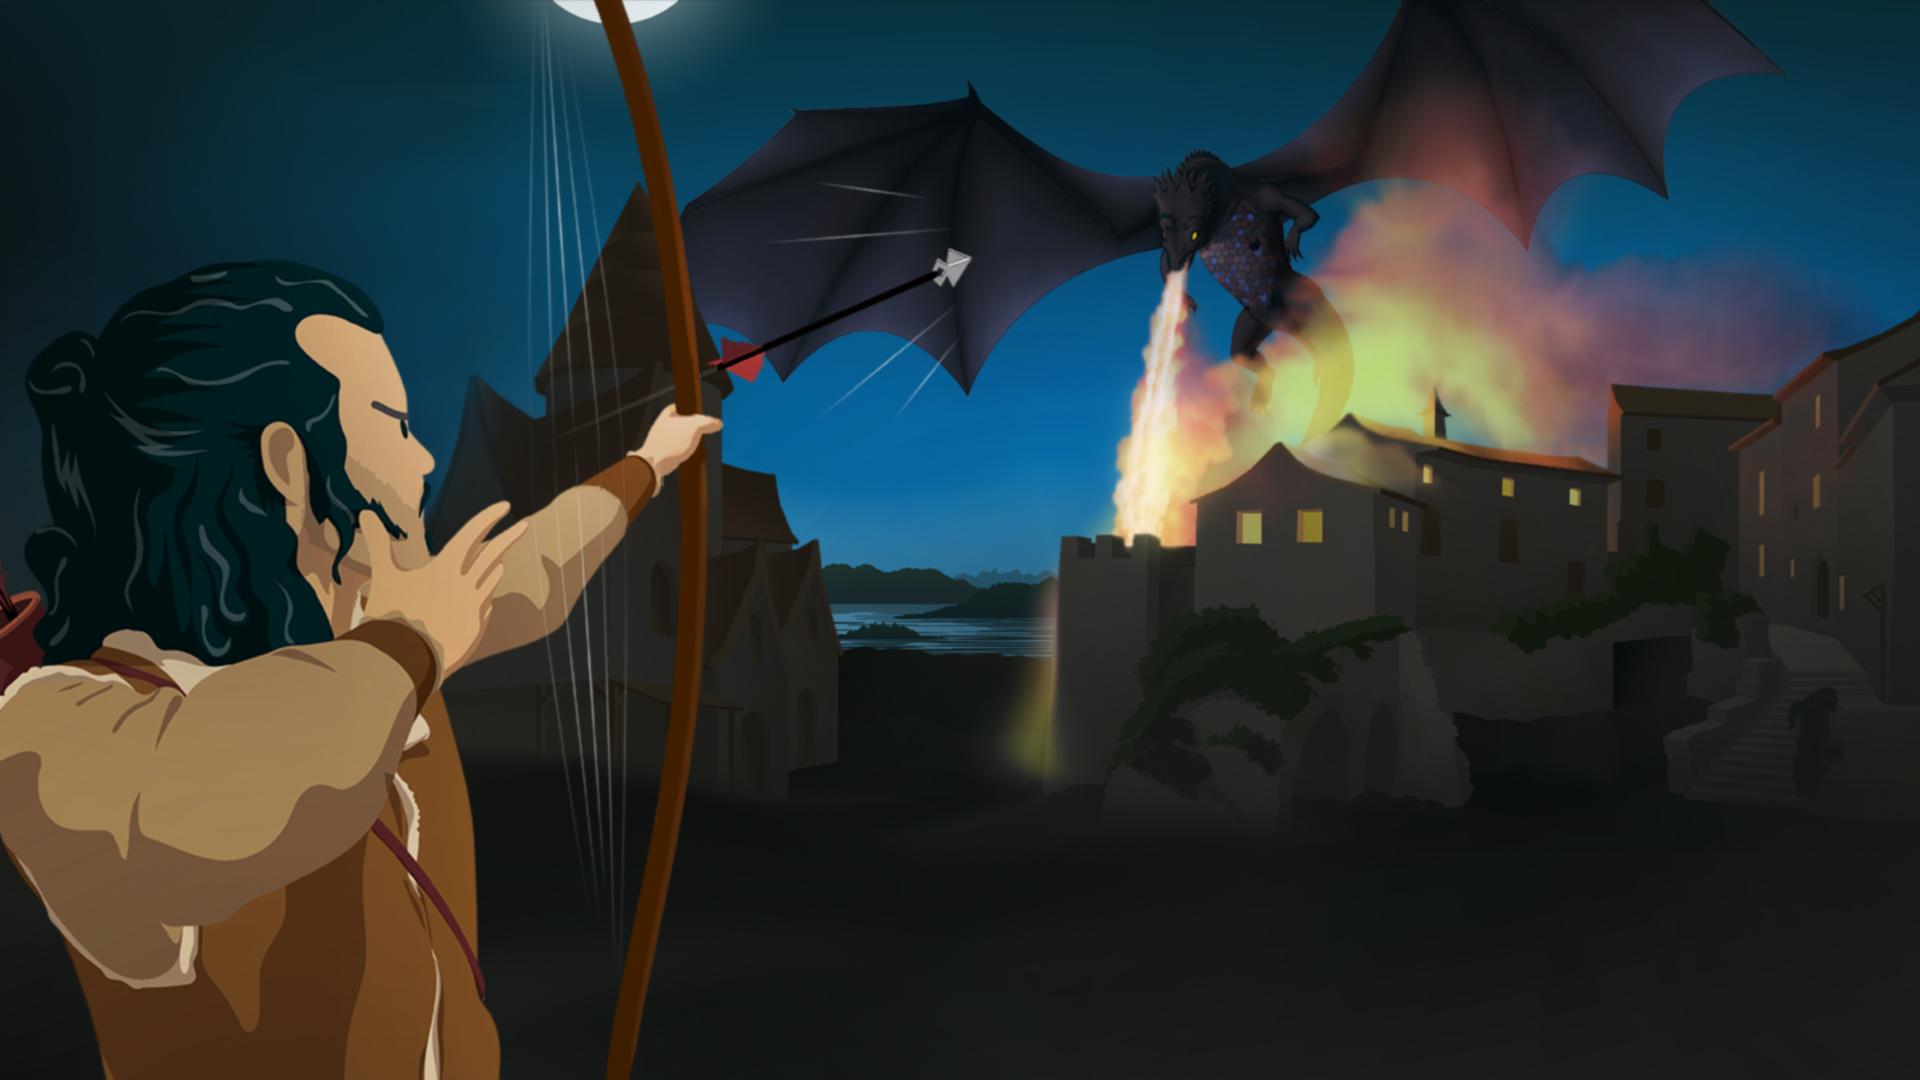 Le Hobbit-archer-Smaug-français-6e